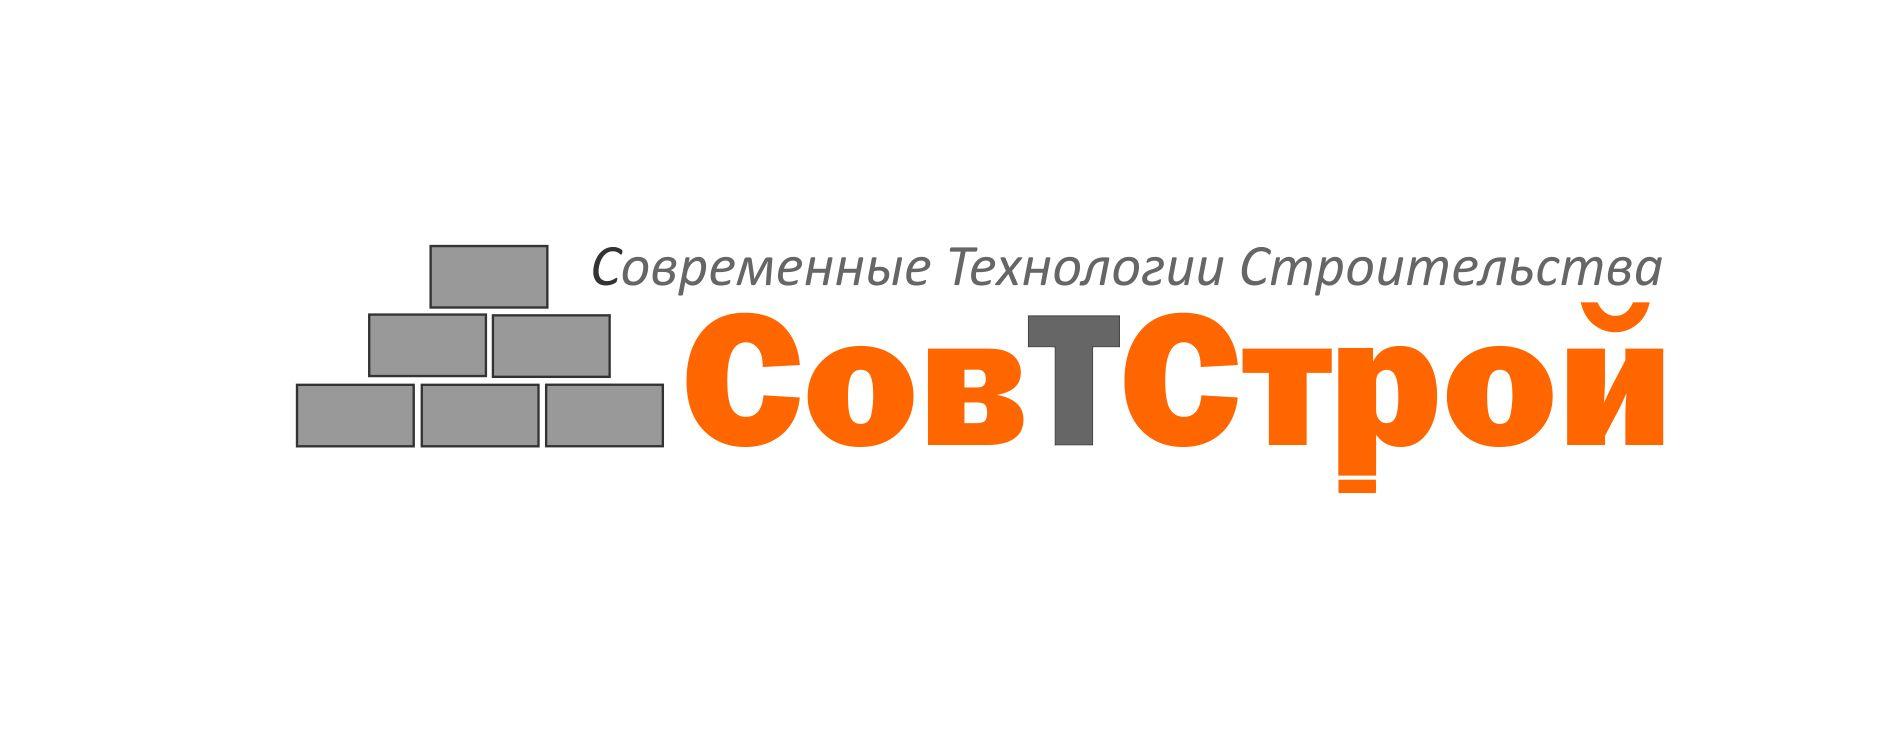 Логотип для поставщика строительных материалов - дизайнер tutokruto